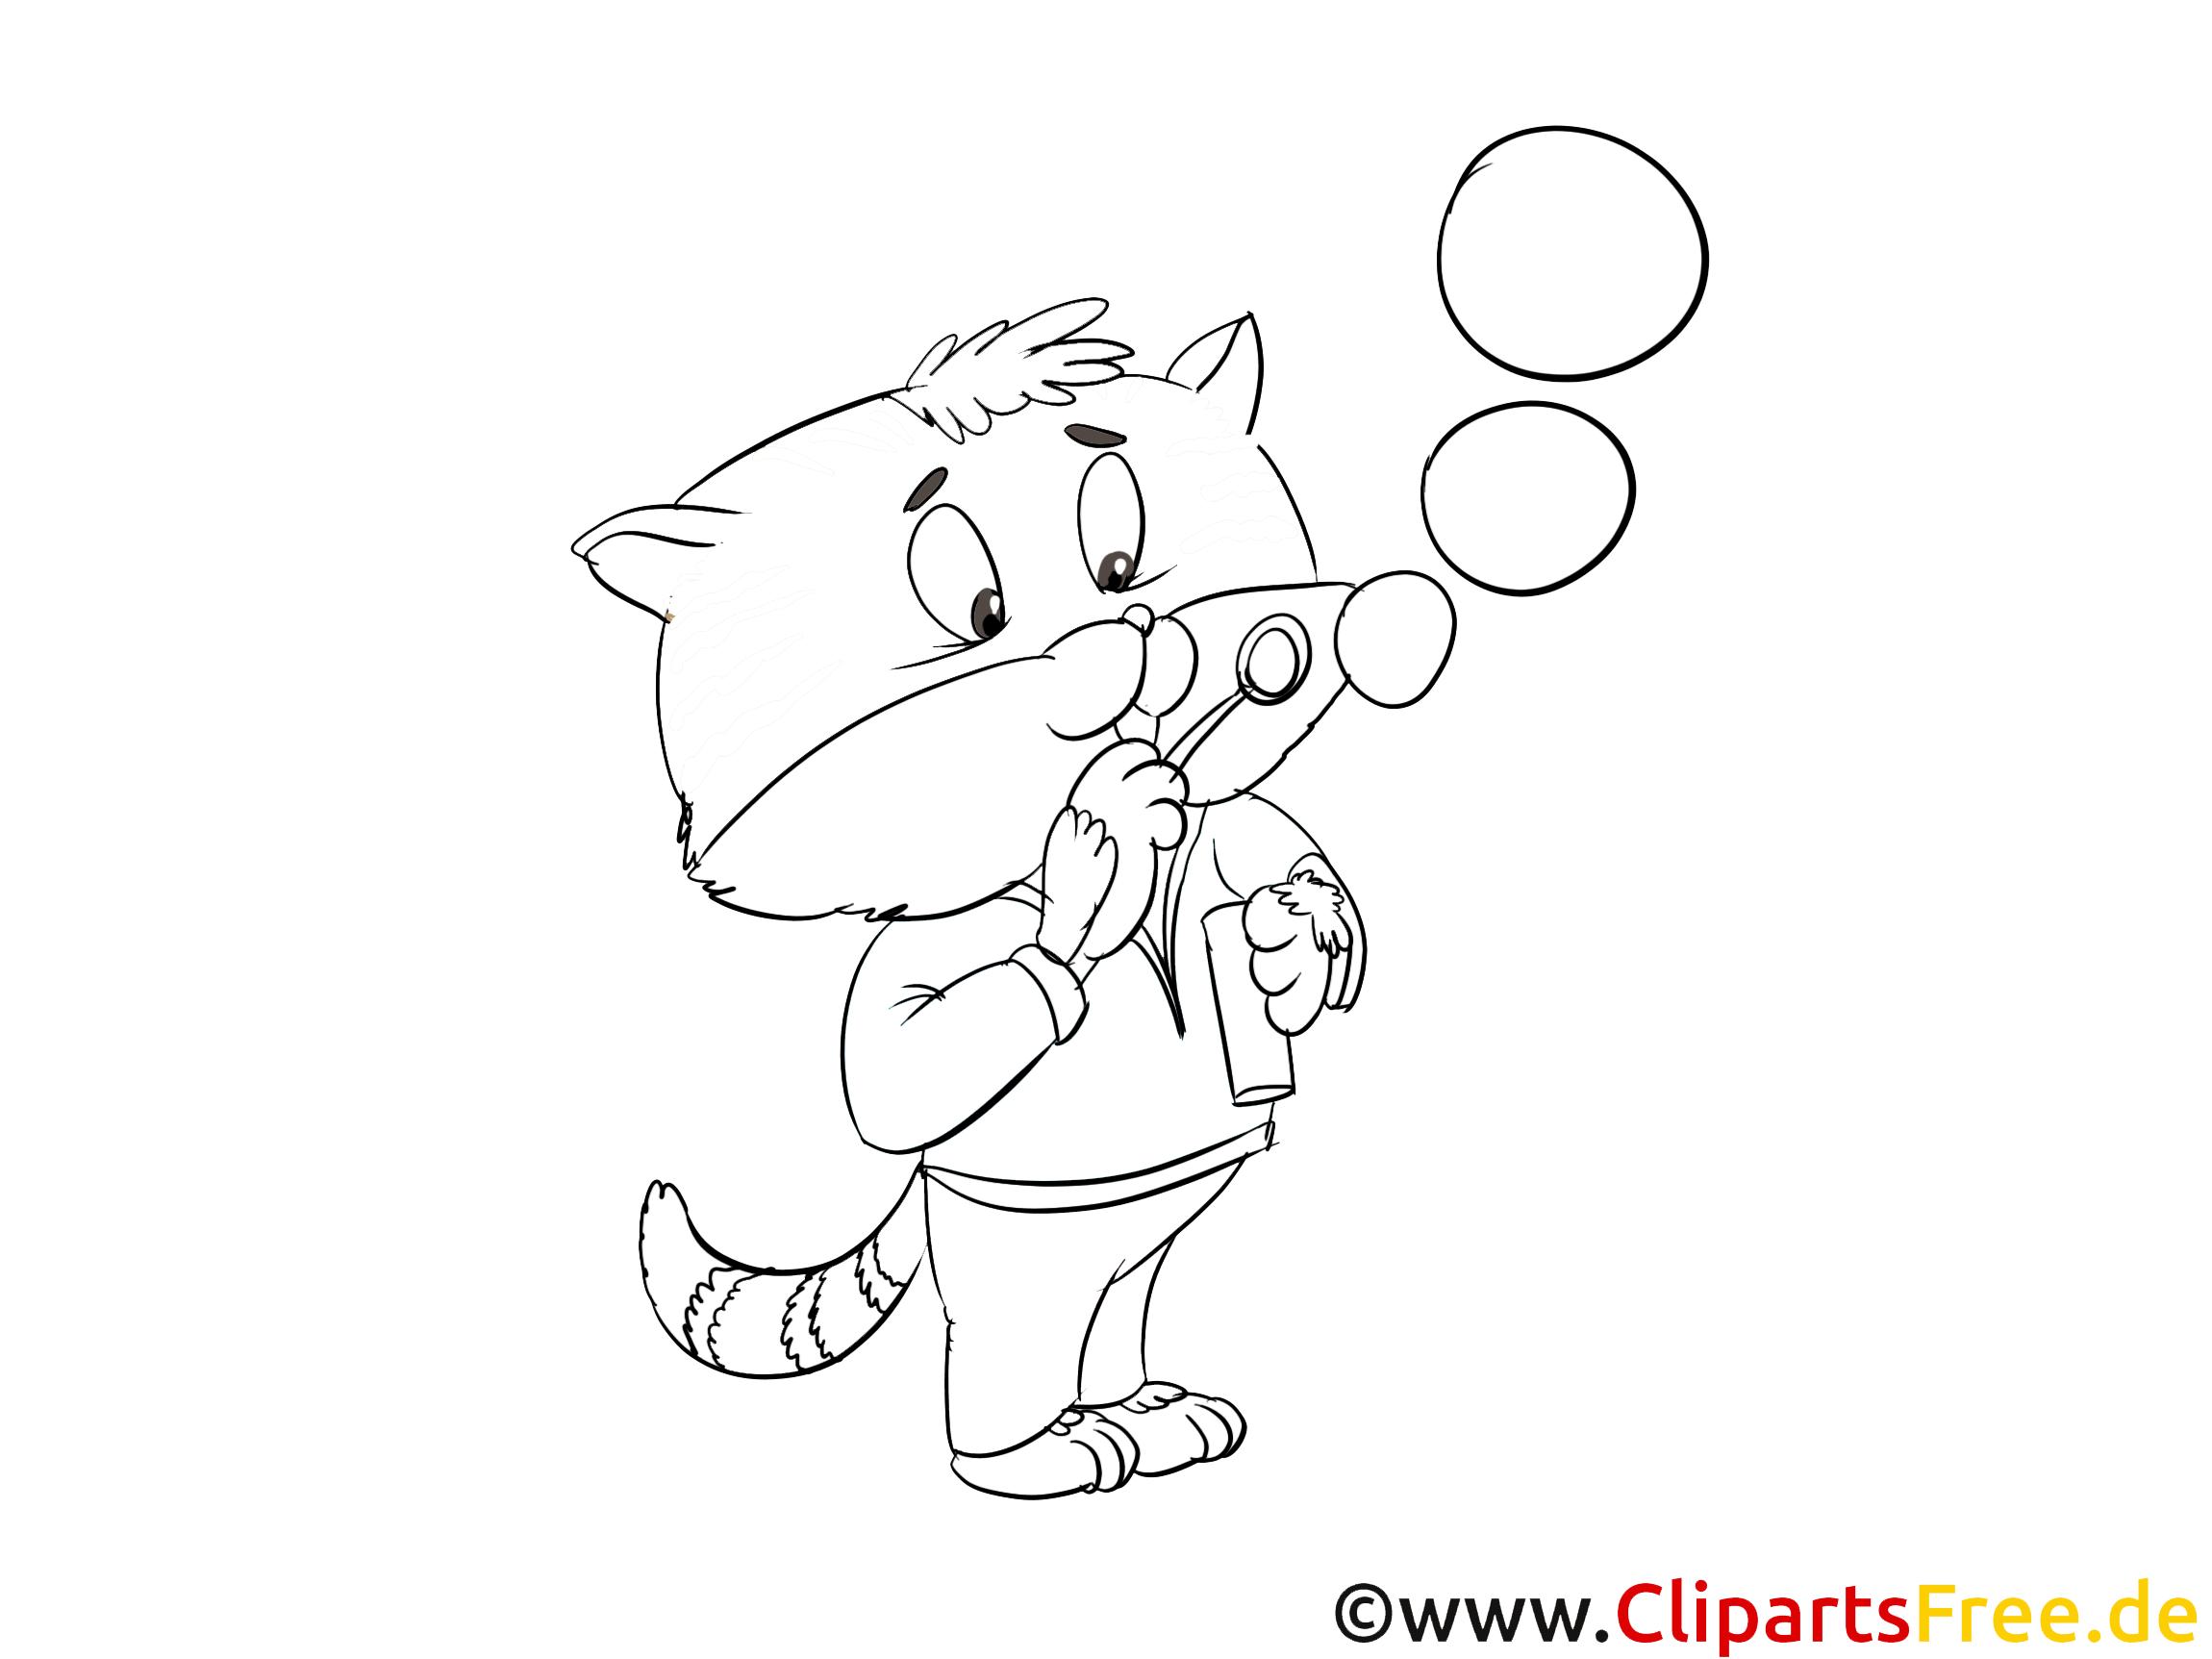 Katze mit Seifenblasen Ausmalbild zum Drucken und Ausmalen